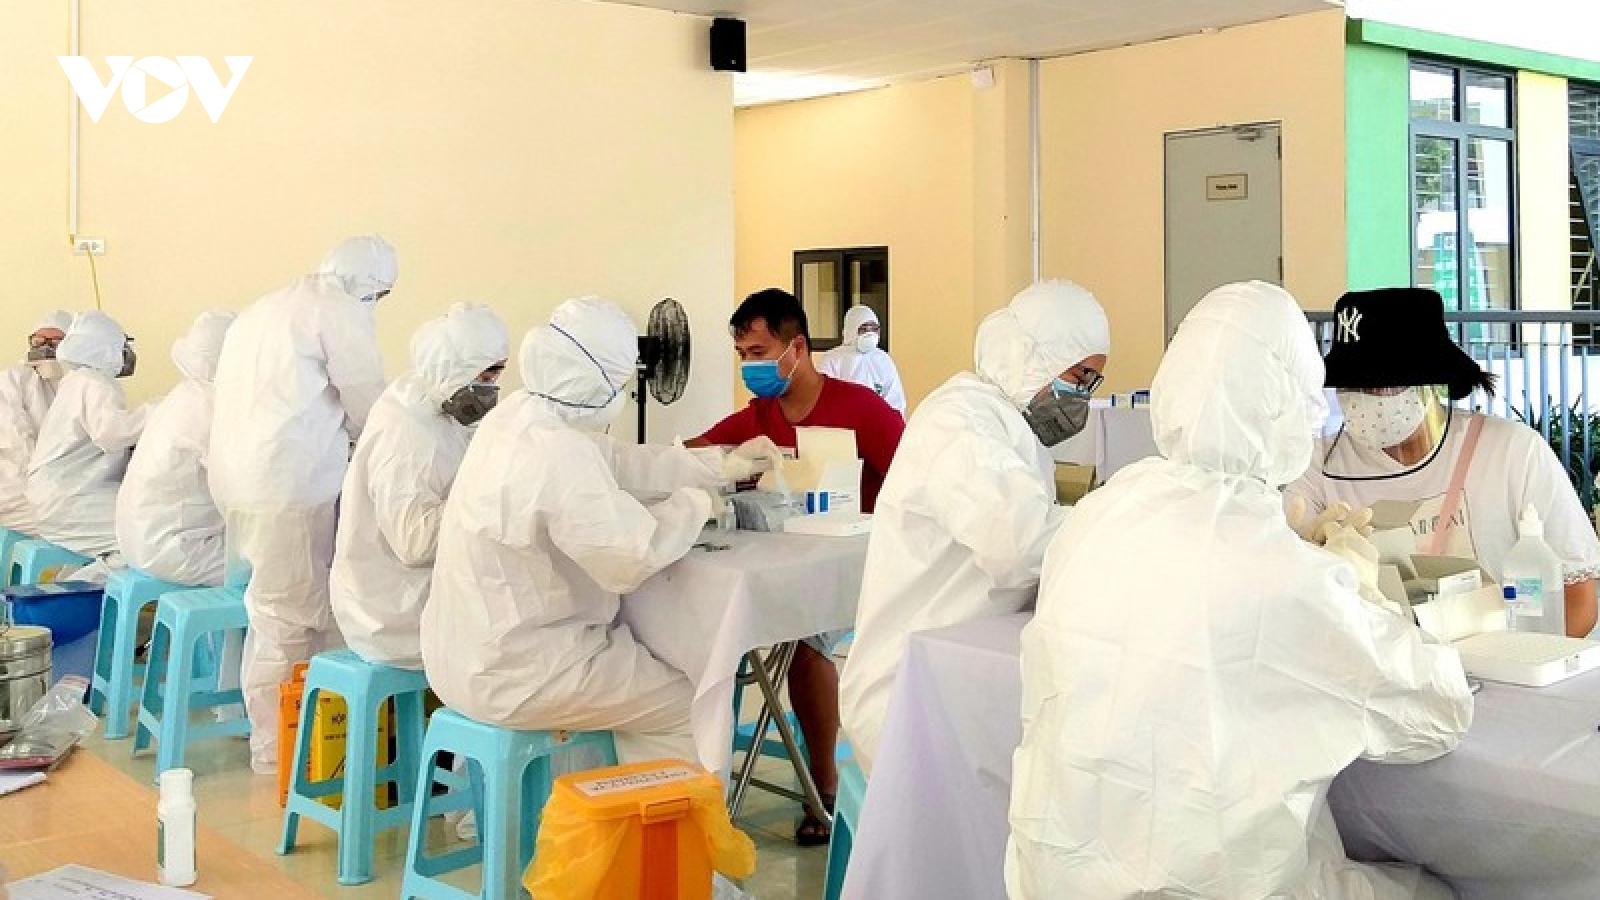 Ngày 12/1, Việt Nam có thêm 5 ca nhập cảnh mắc COVID-19